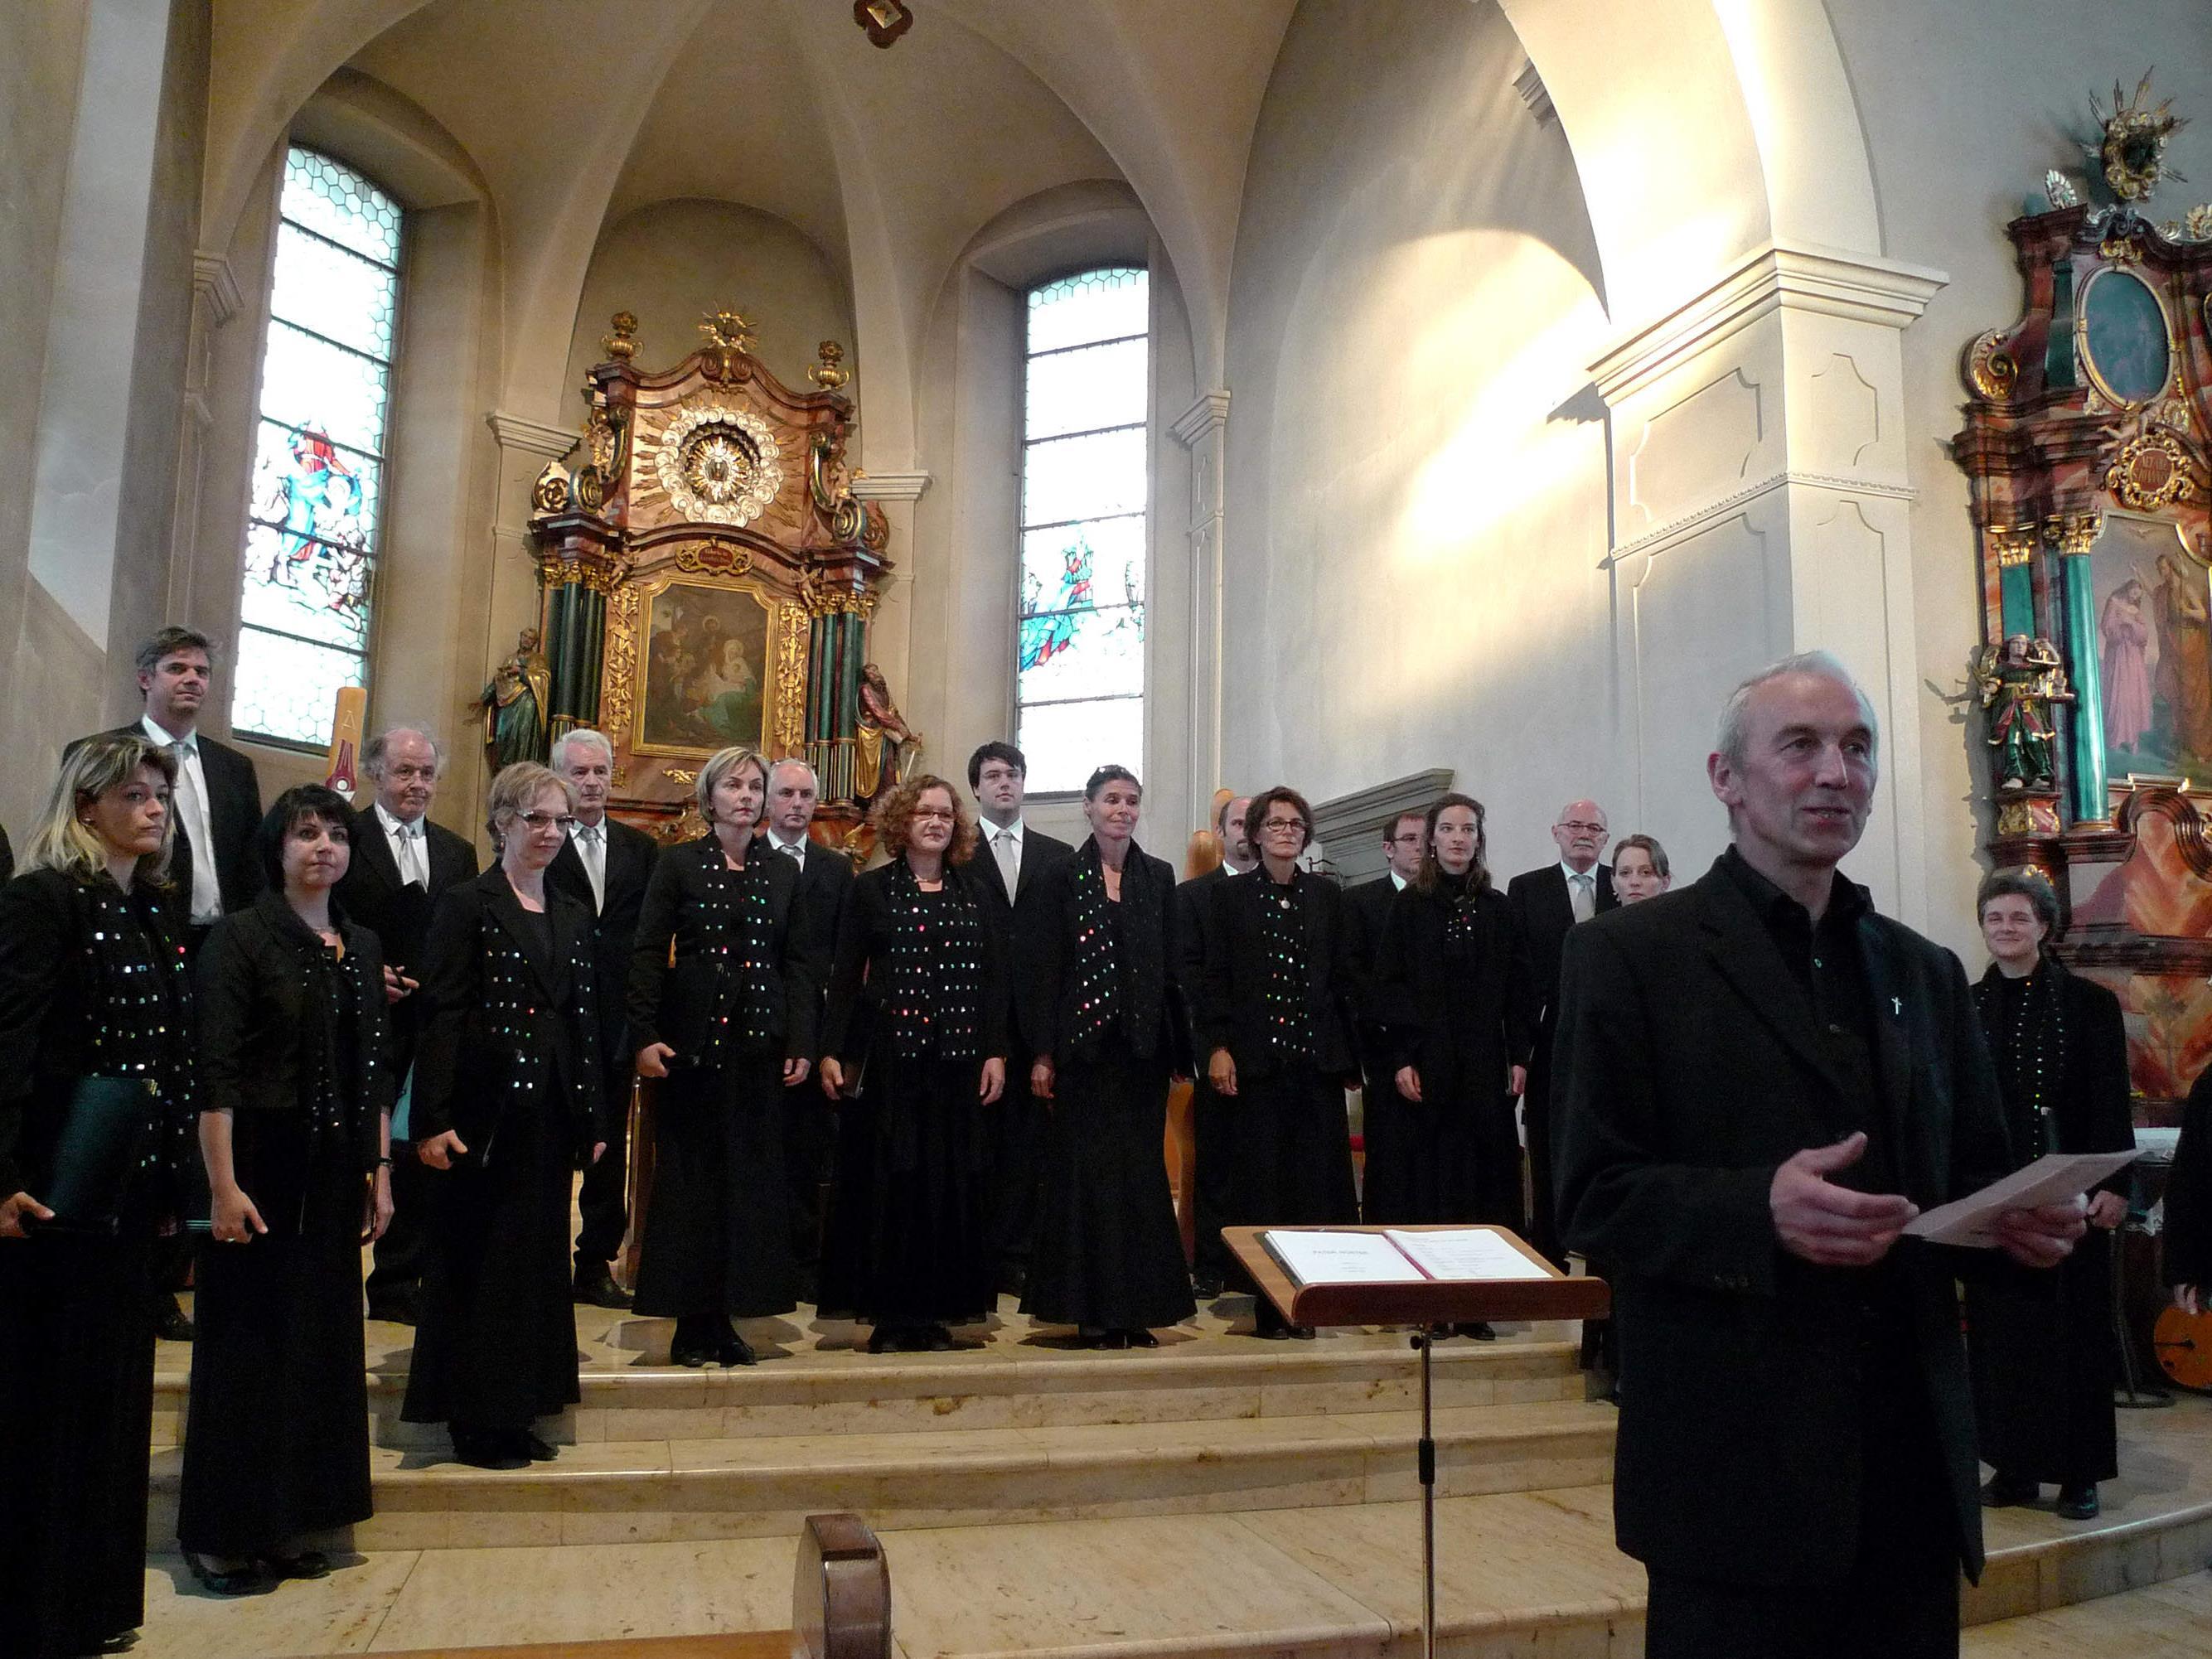 Pfarrer Paul Burtscher begrüßte den Kammerchor Feldkirch in der Bildsteiner Pfarrkirche.